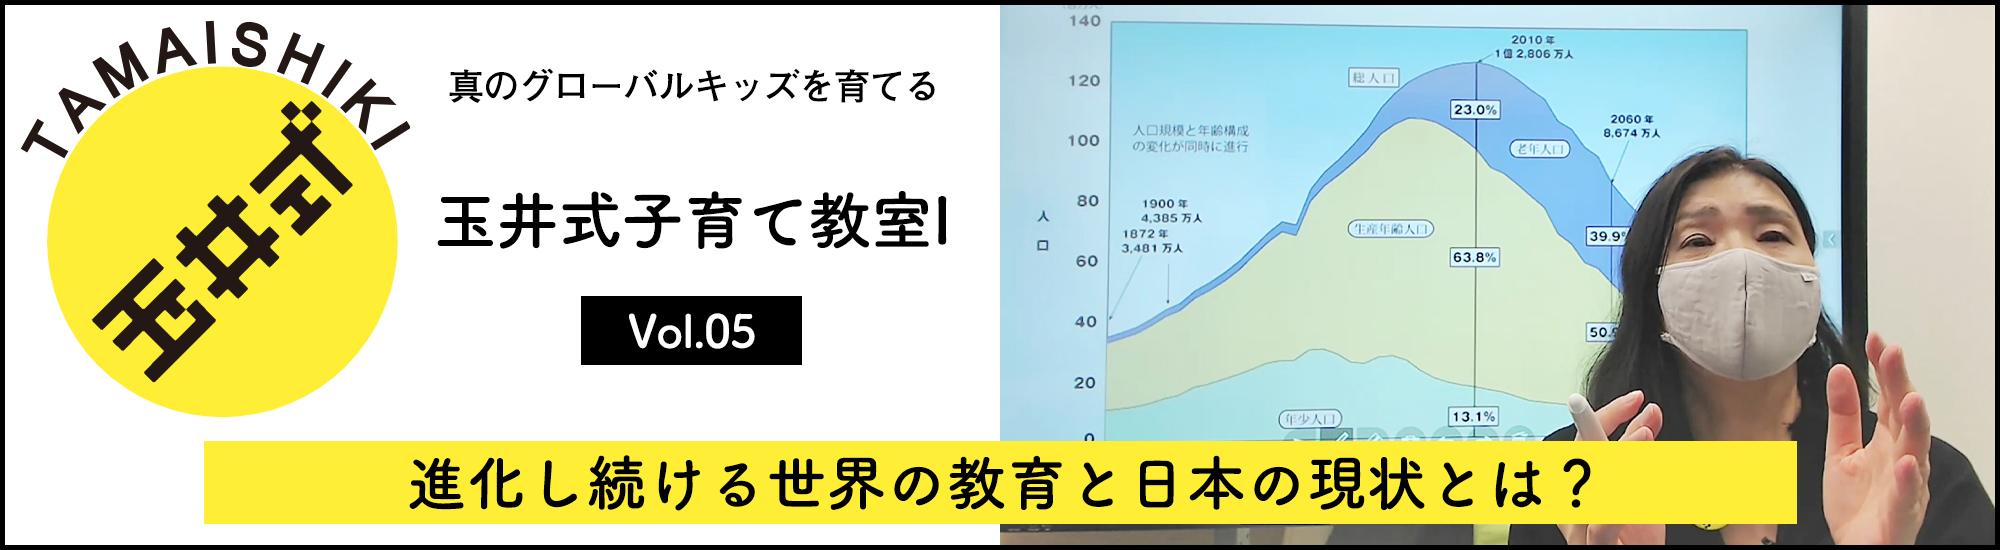 【玉井式子育て教室I】- Vol.05 - 進化し続ける世界の教育と日本の現状とは?